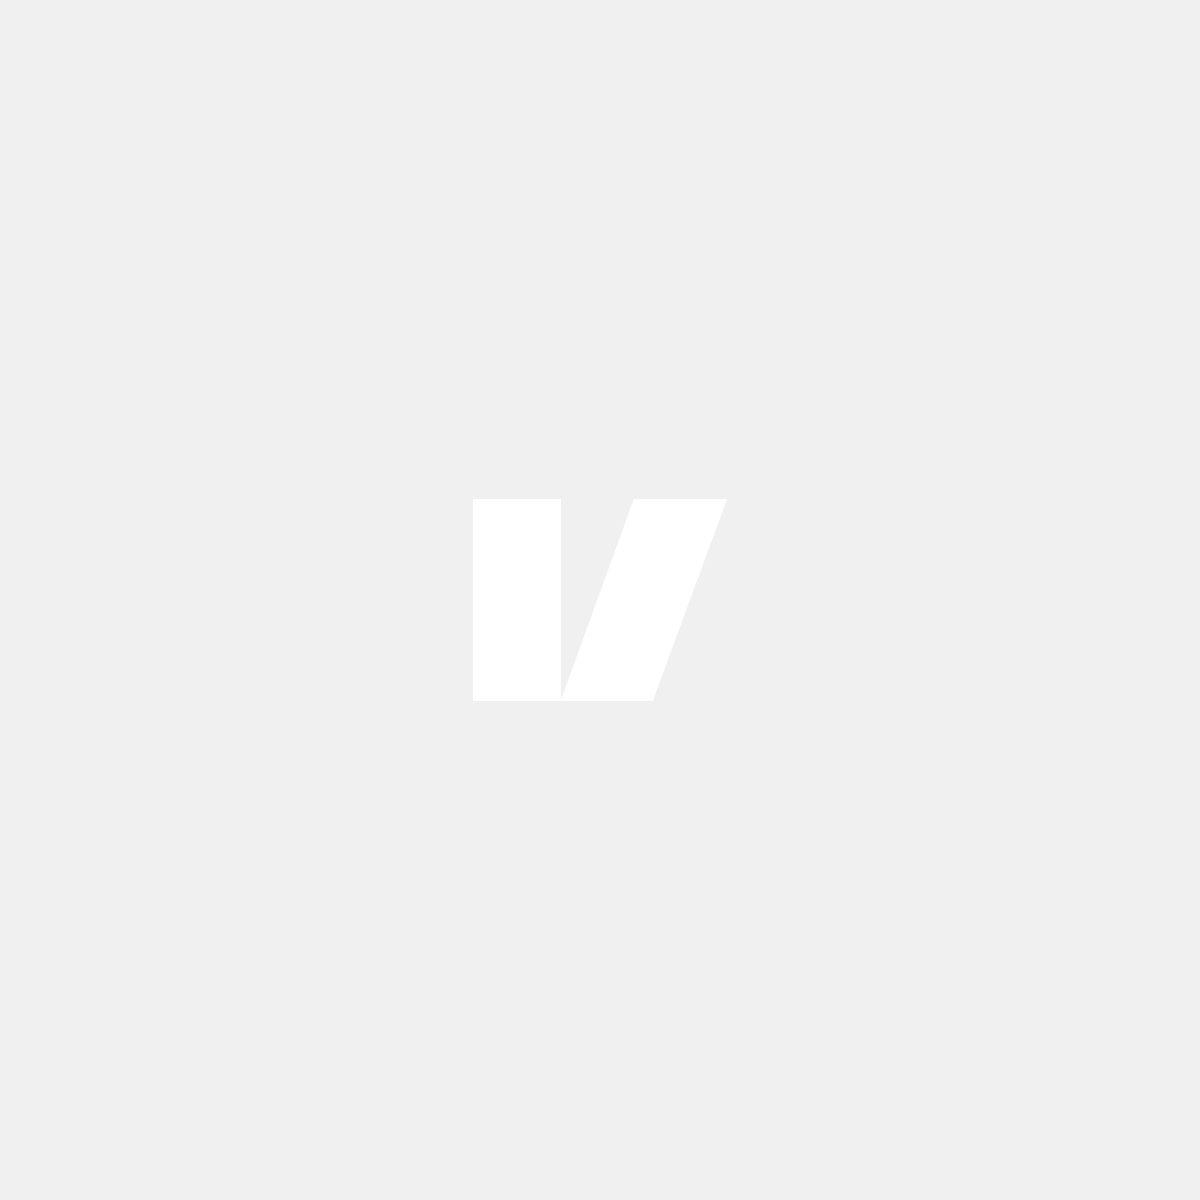 USA-positionslykta till Volvo 740, usa-front, förarsidan